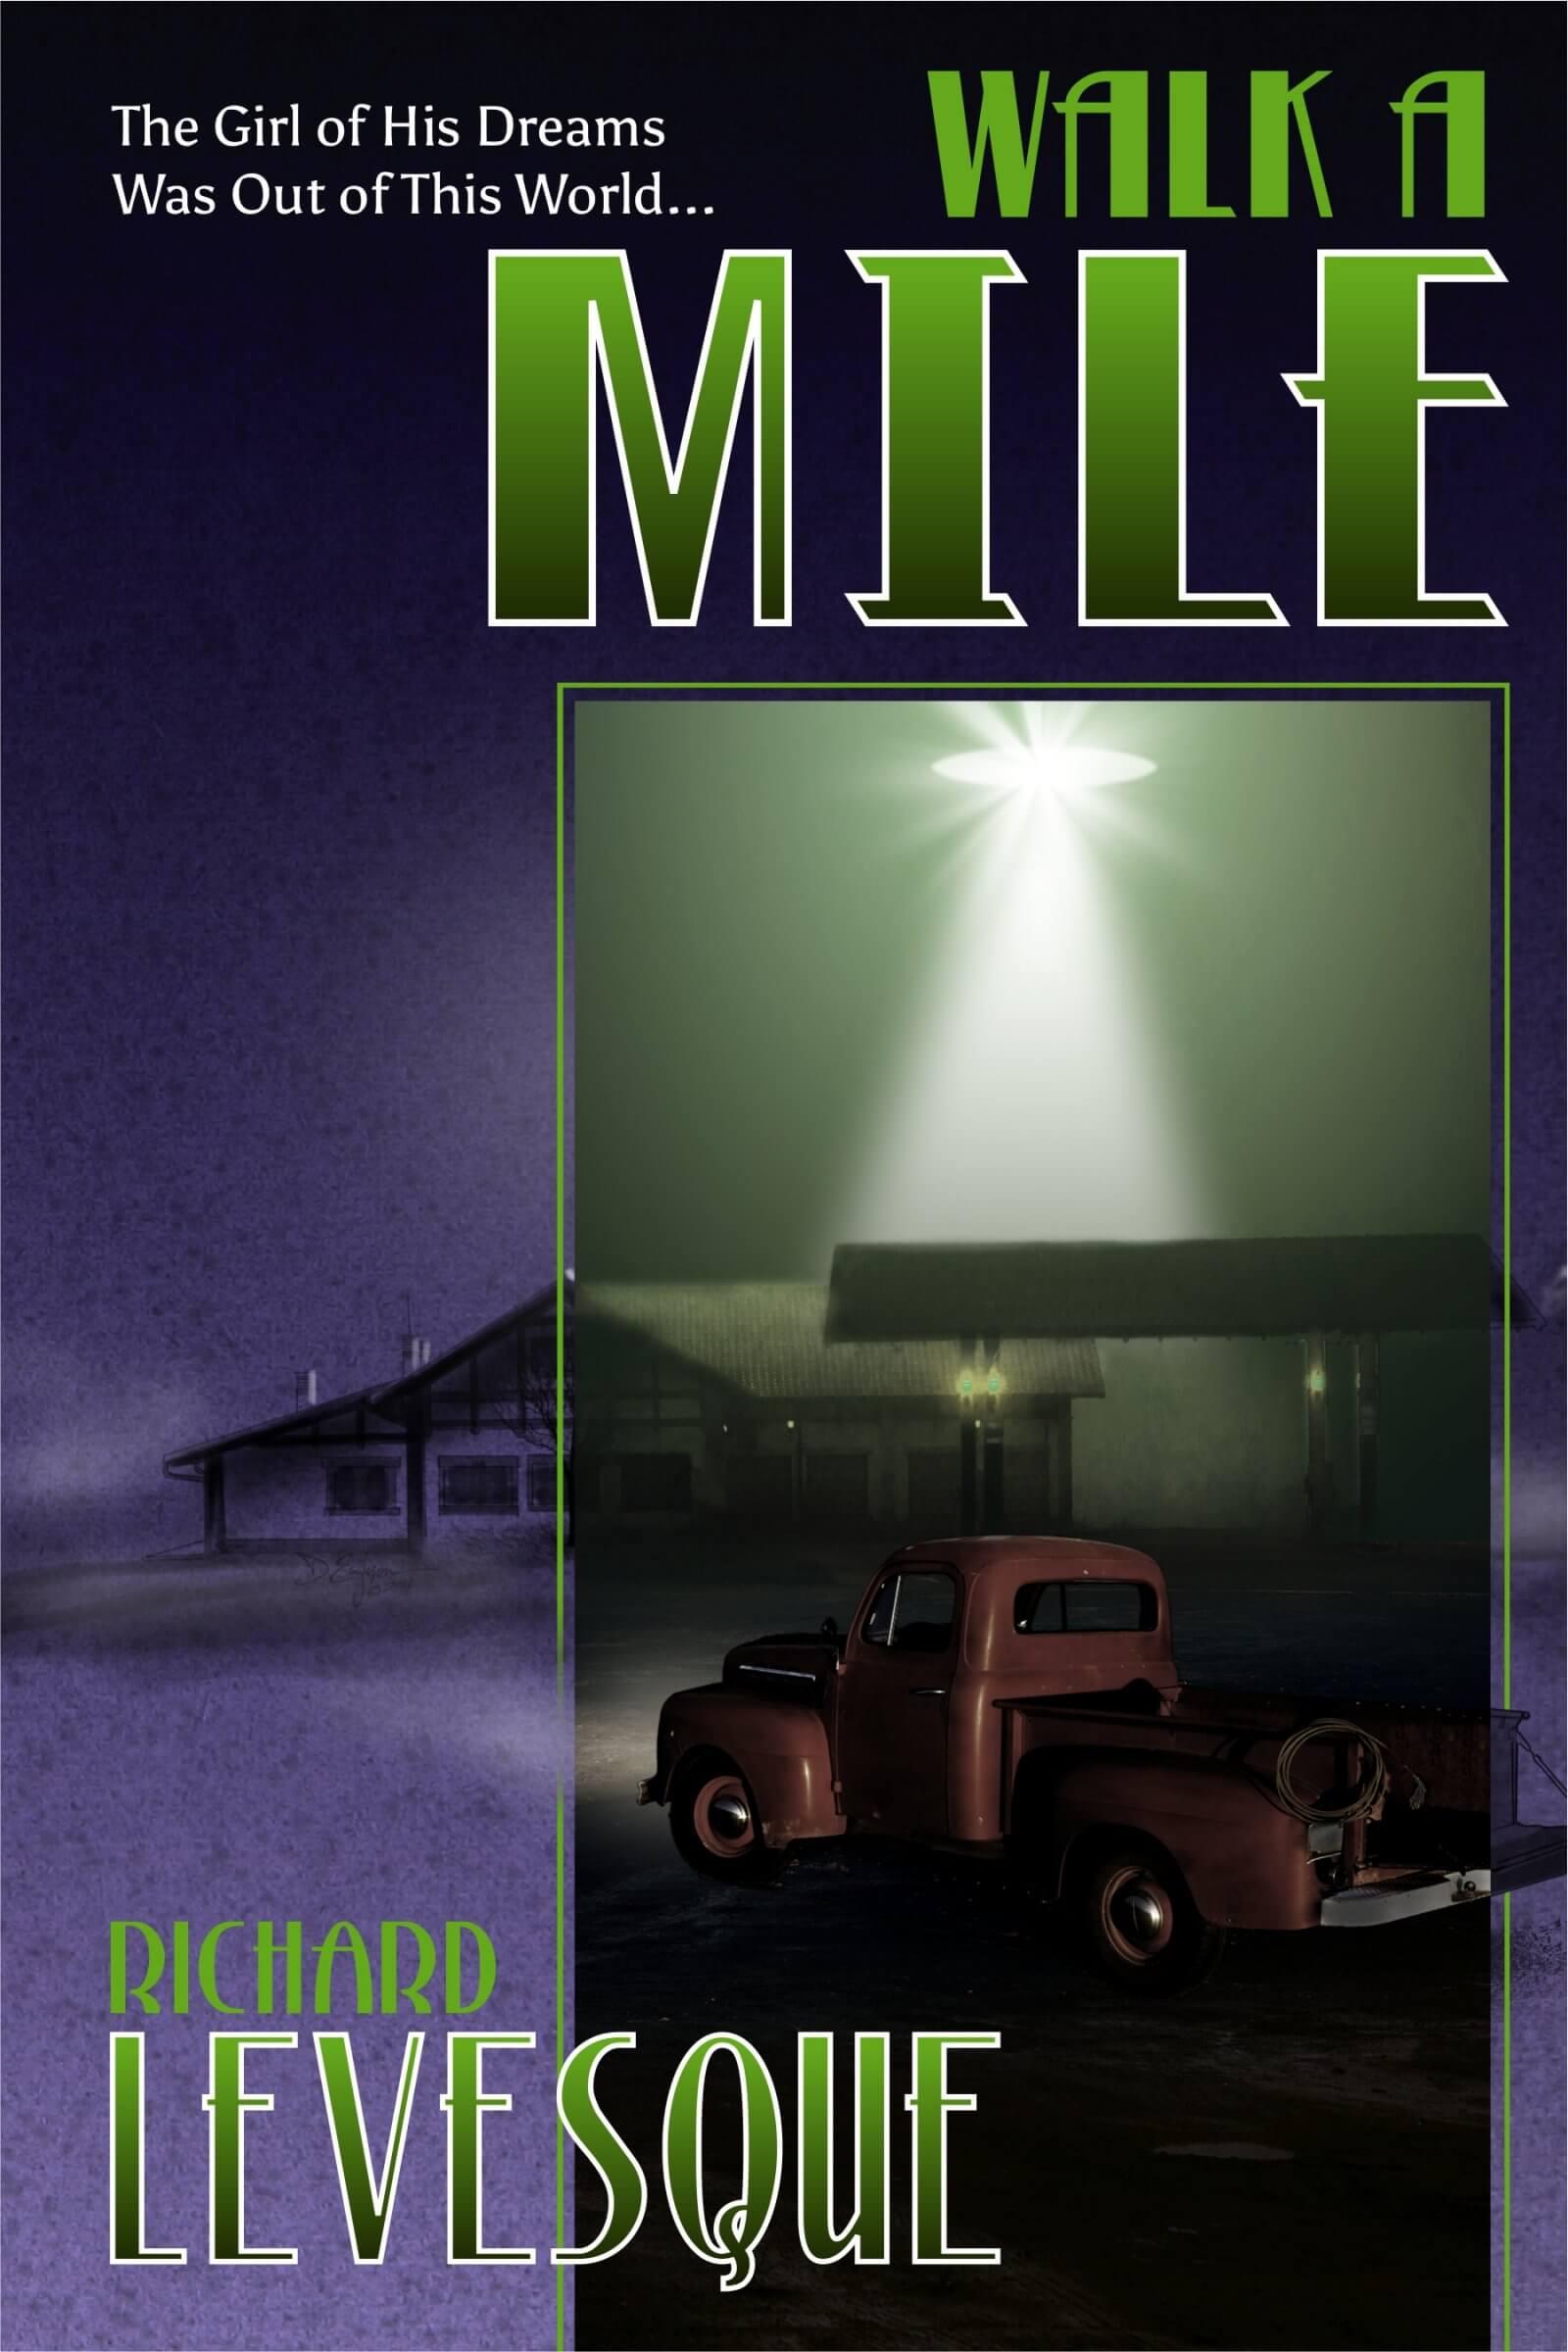 Walk a Mile book cover design by Corvid Design